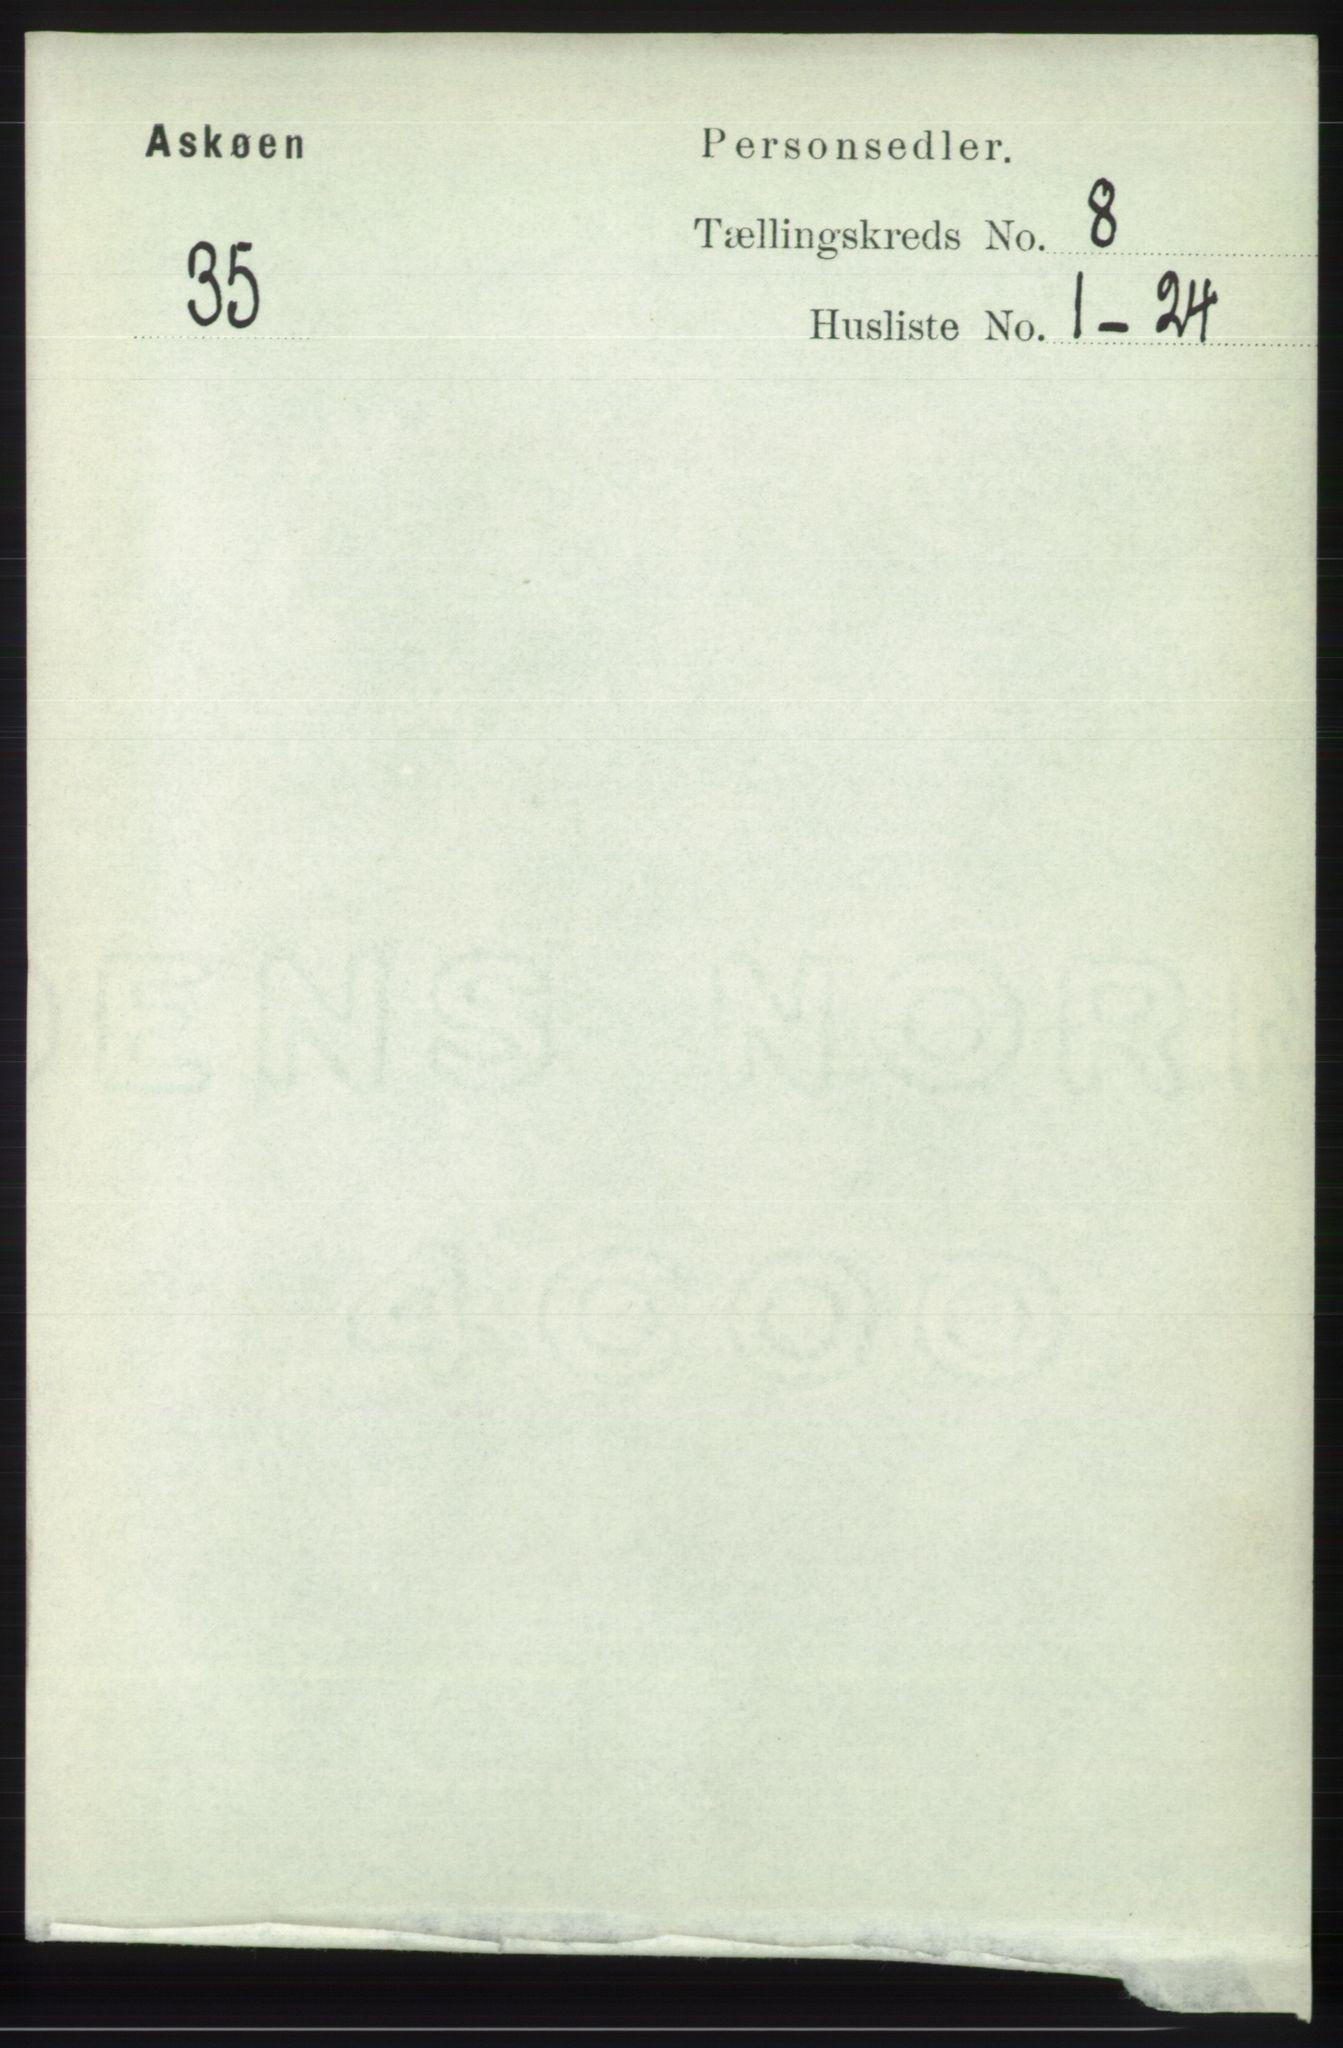 RA, Folketelling 1891 for 1247 Askøy herred, 1891, s. 5398